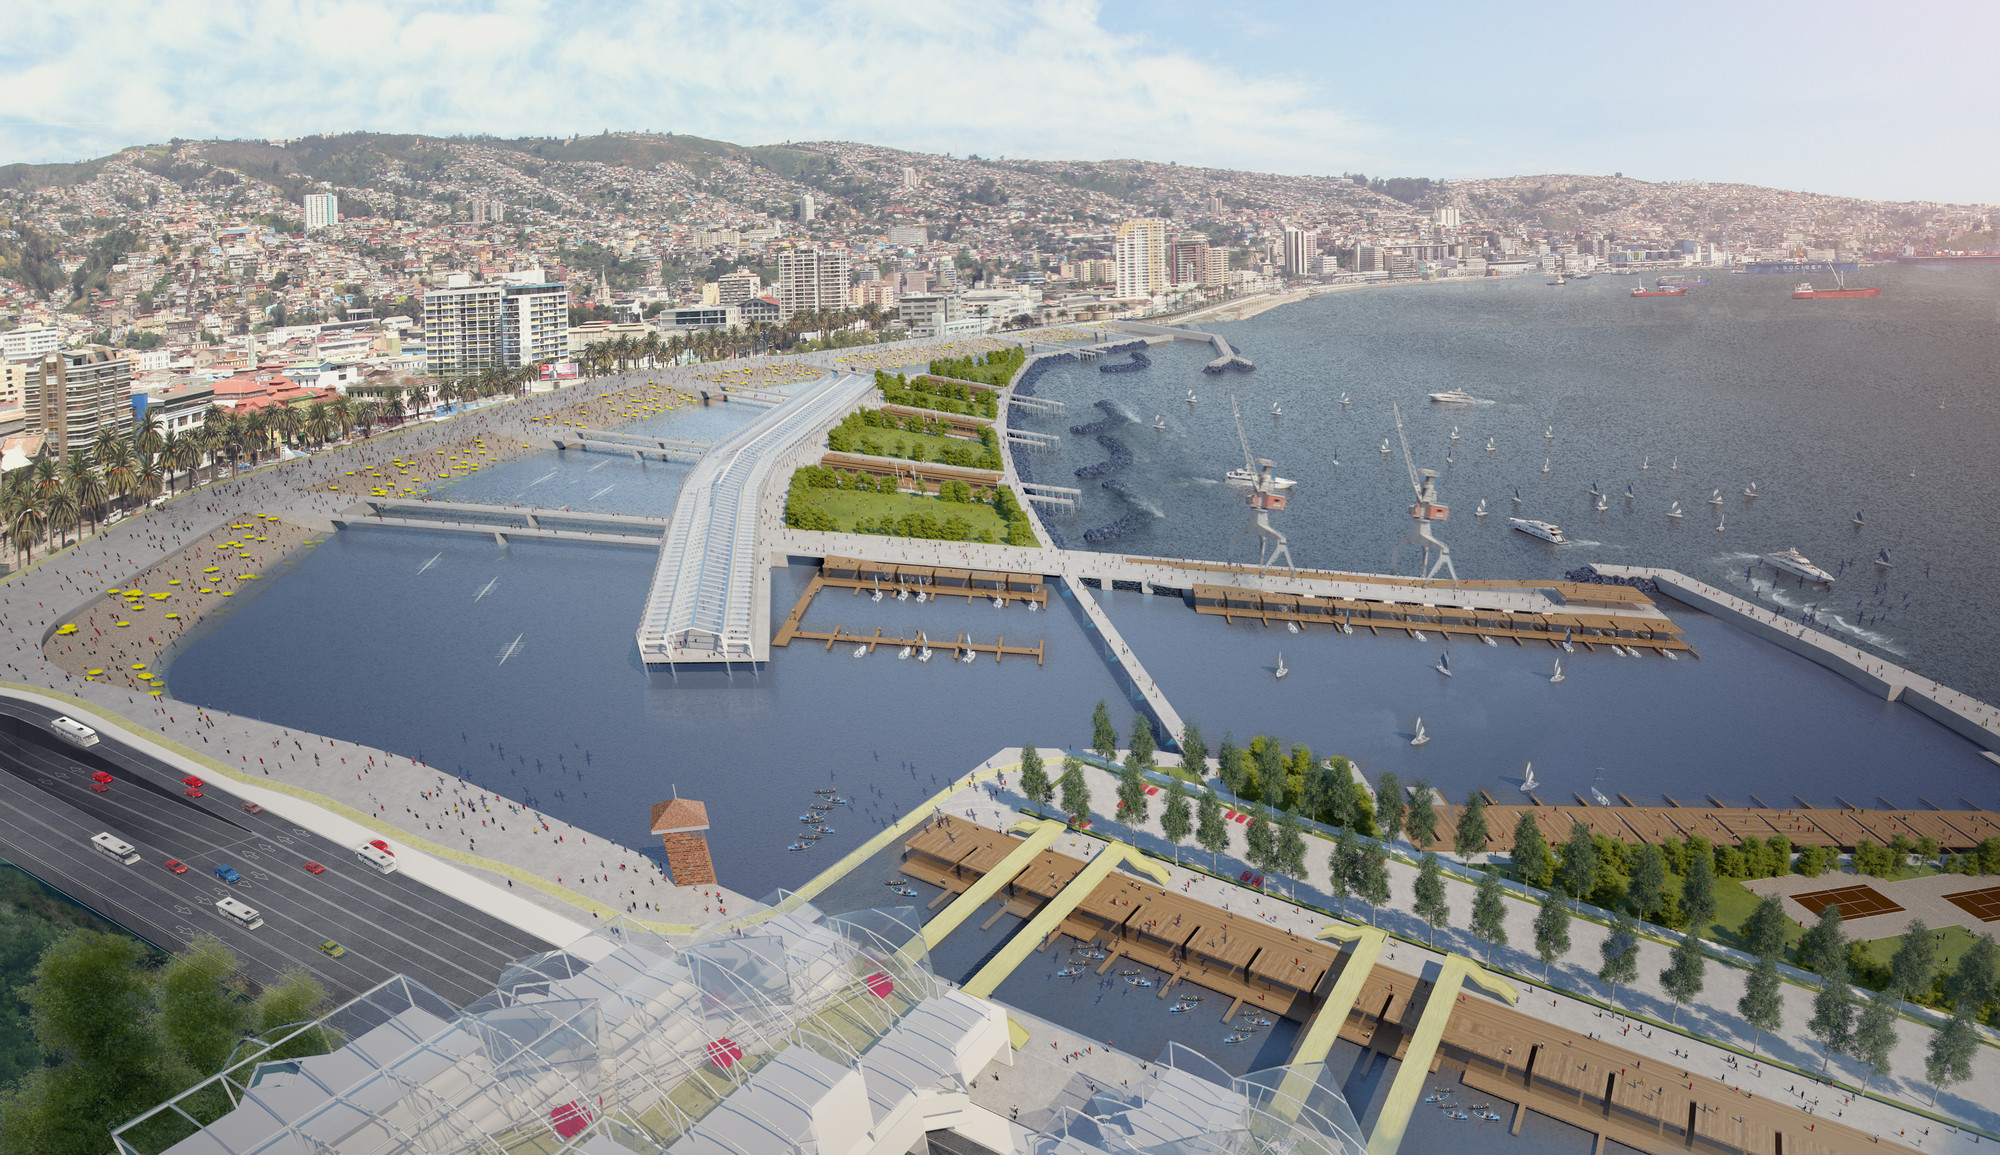 Video: Boris Ivelic explica contrapropuesta a mega centro comercial en Valparaíso, Anteproyecto Parque de Mar Puerto Barón. Image Cortesia de Boris Ivelic, Edison Segura y Pablo Vásquez